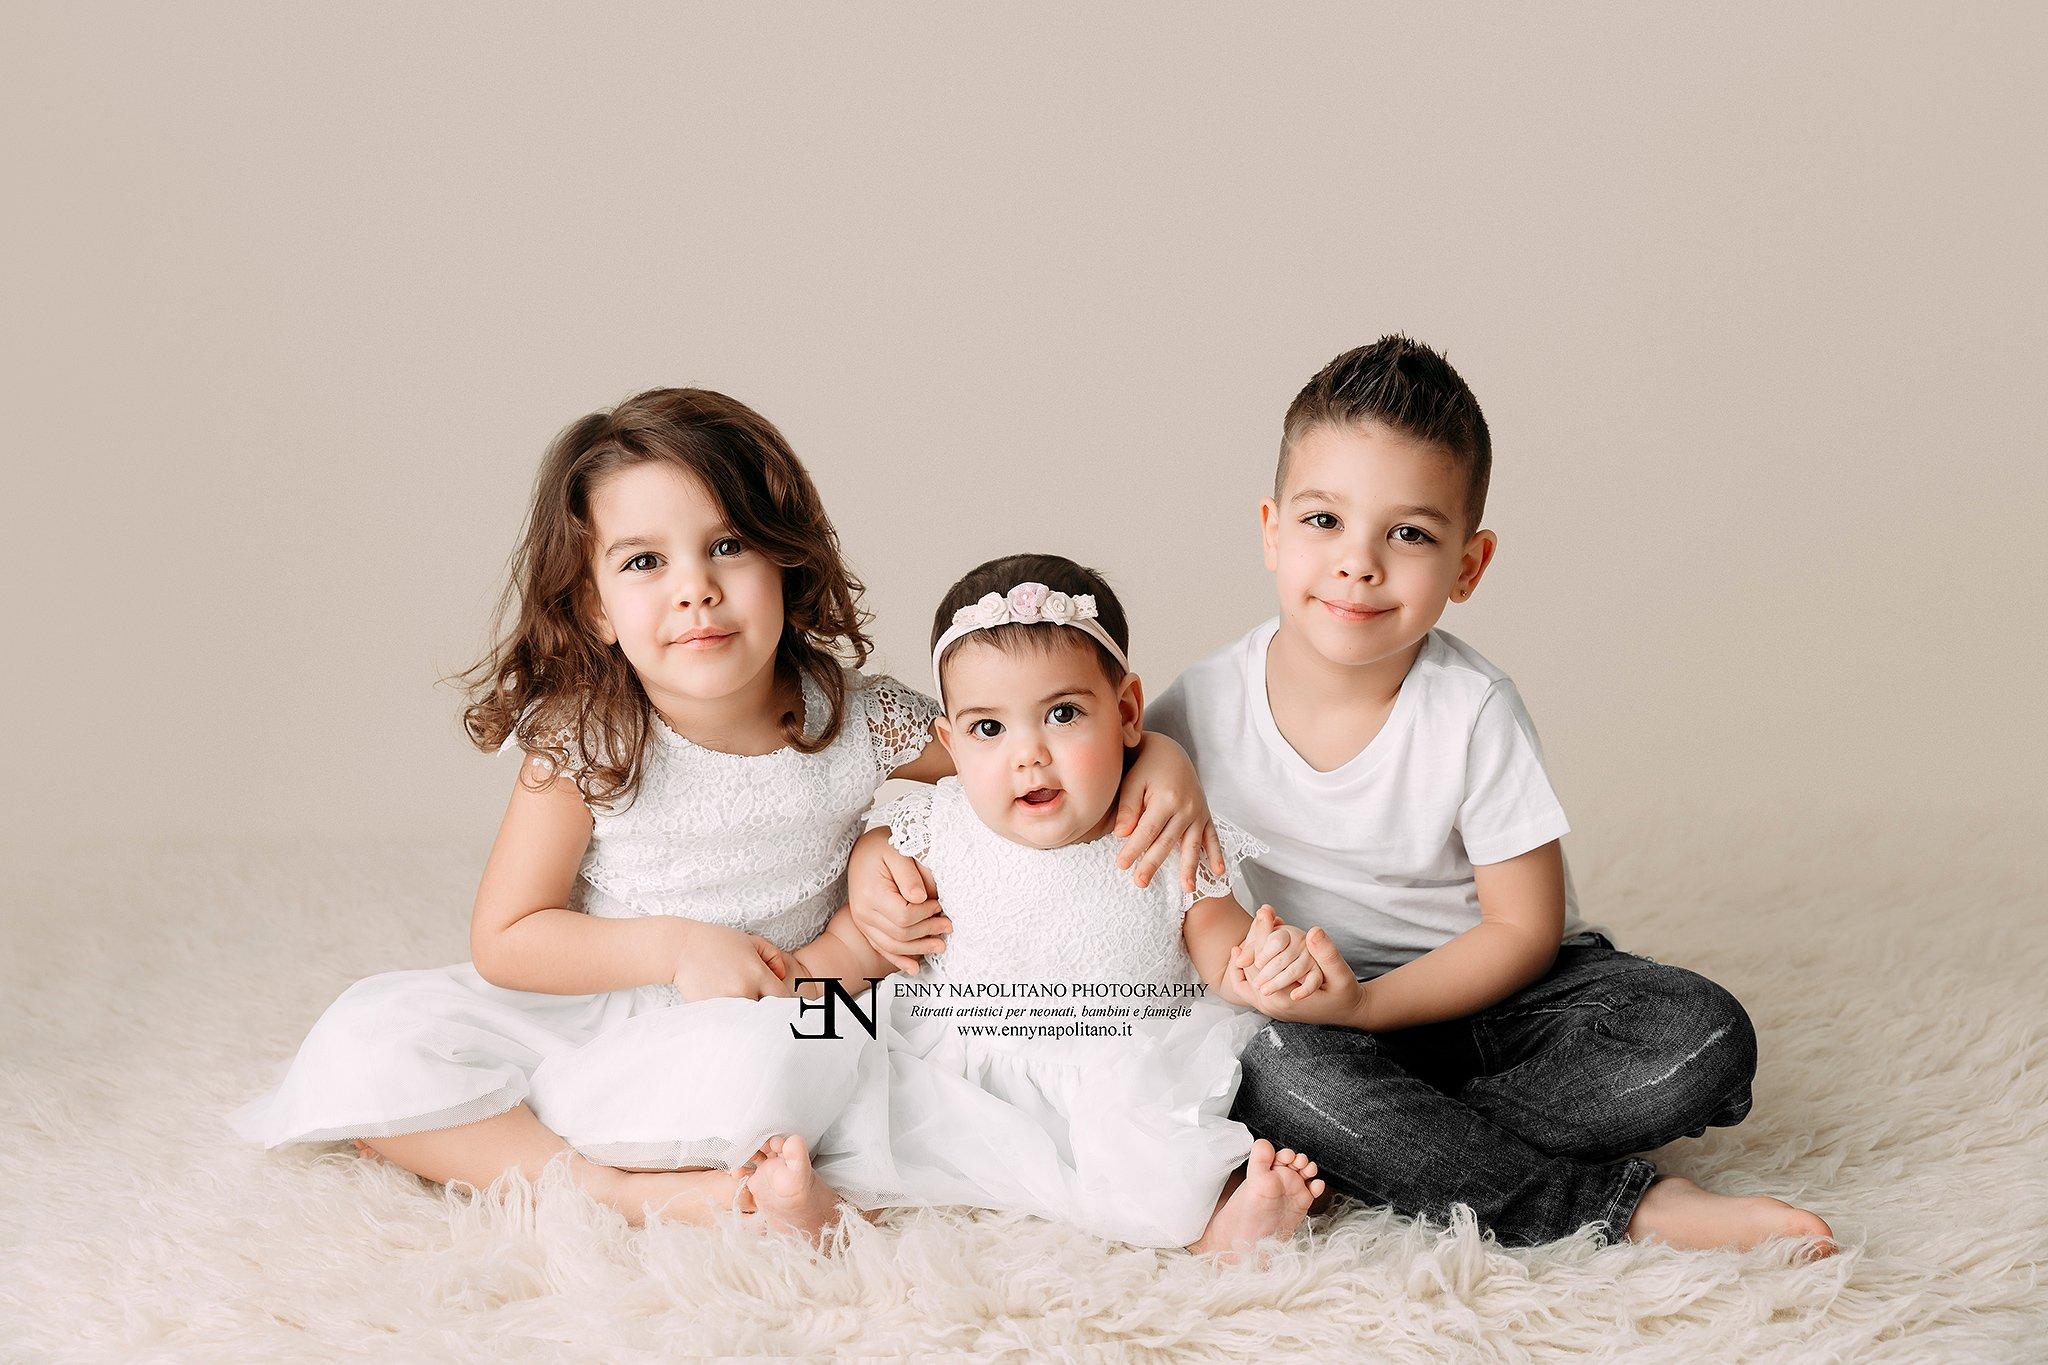 tre fratellini con bimba di 7 mesi durante un servizio fotografico per bebè, bambini e famiglie a Milano